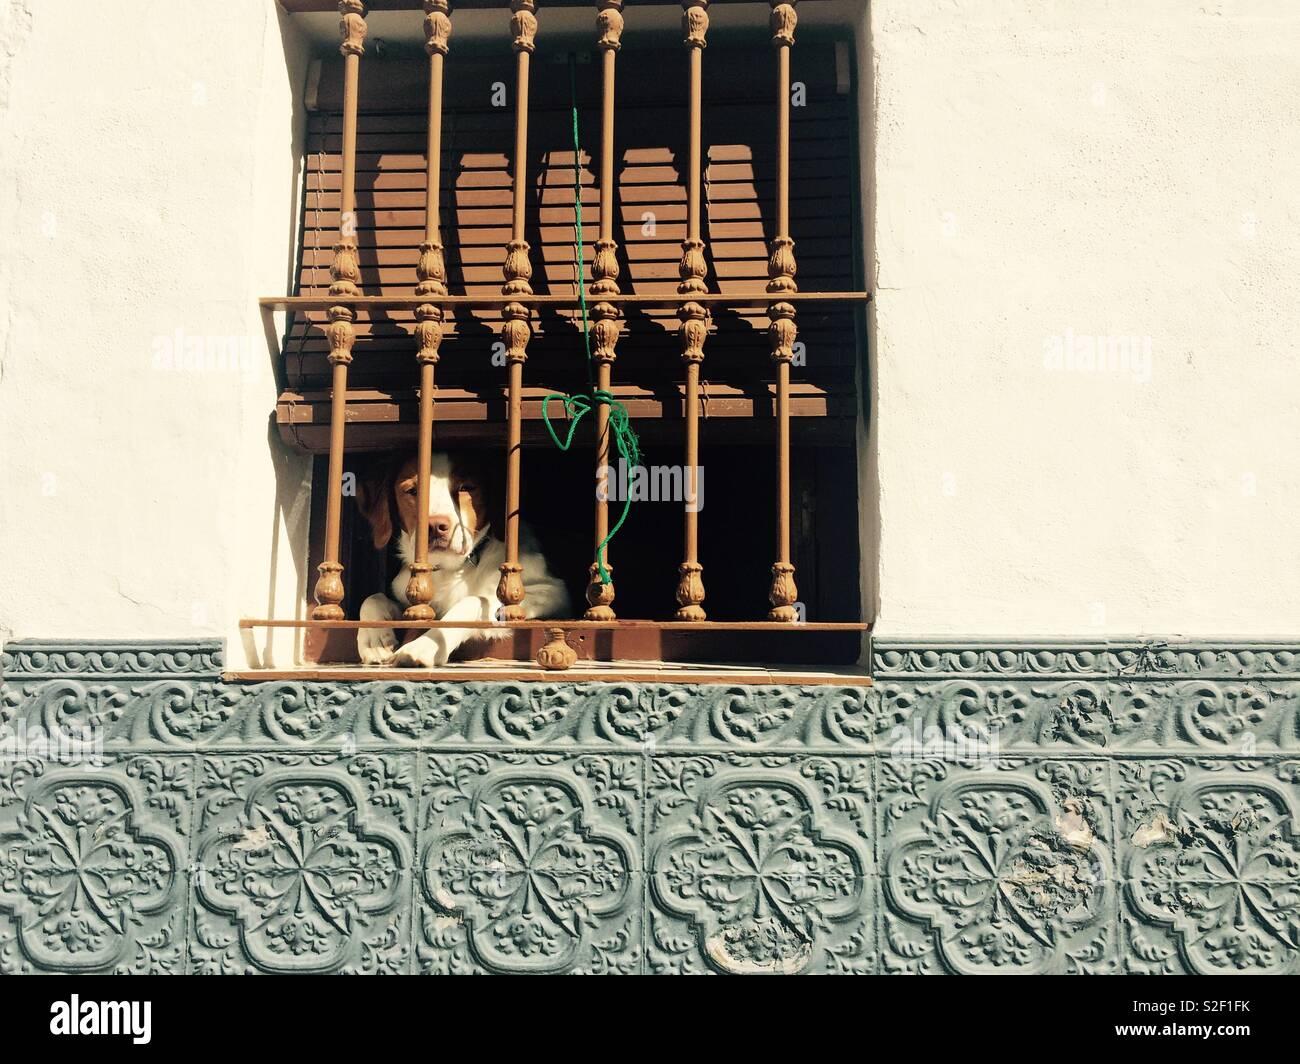 Petit chien marron et blanc se trouve à l'intermédiaire peeping ou barres de fer décoratif d'une fenêtre au niveau de la rue dans un village en Andalousie Espagne Banque D'Images